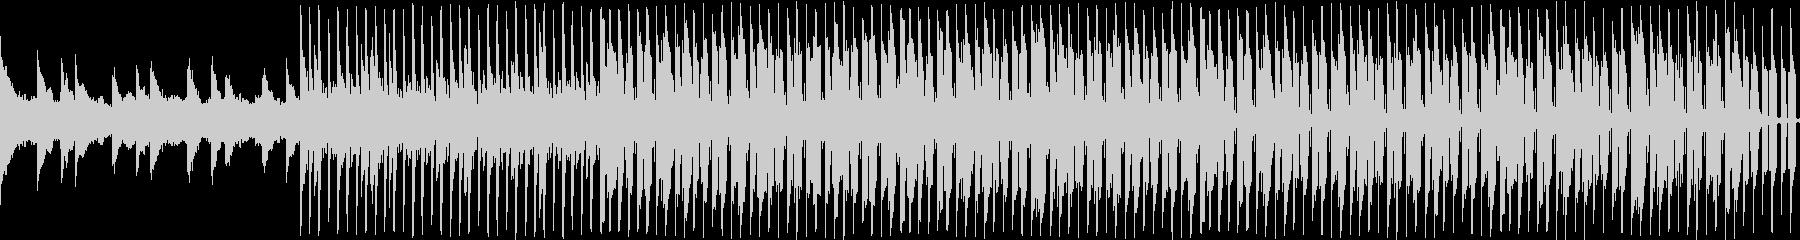 ピアノによる落ち着いたループ曲の未再生の波形